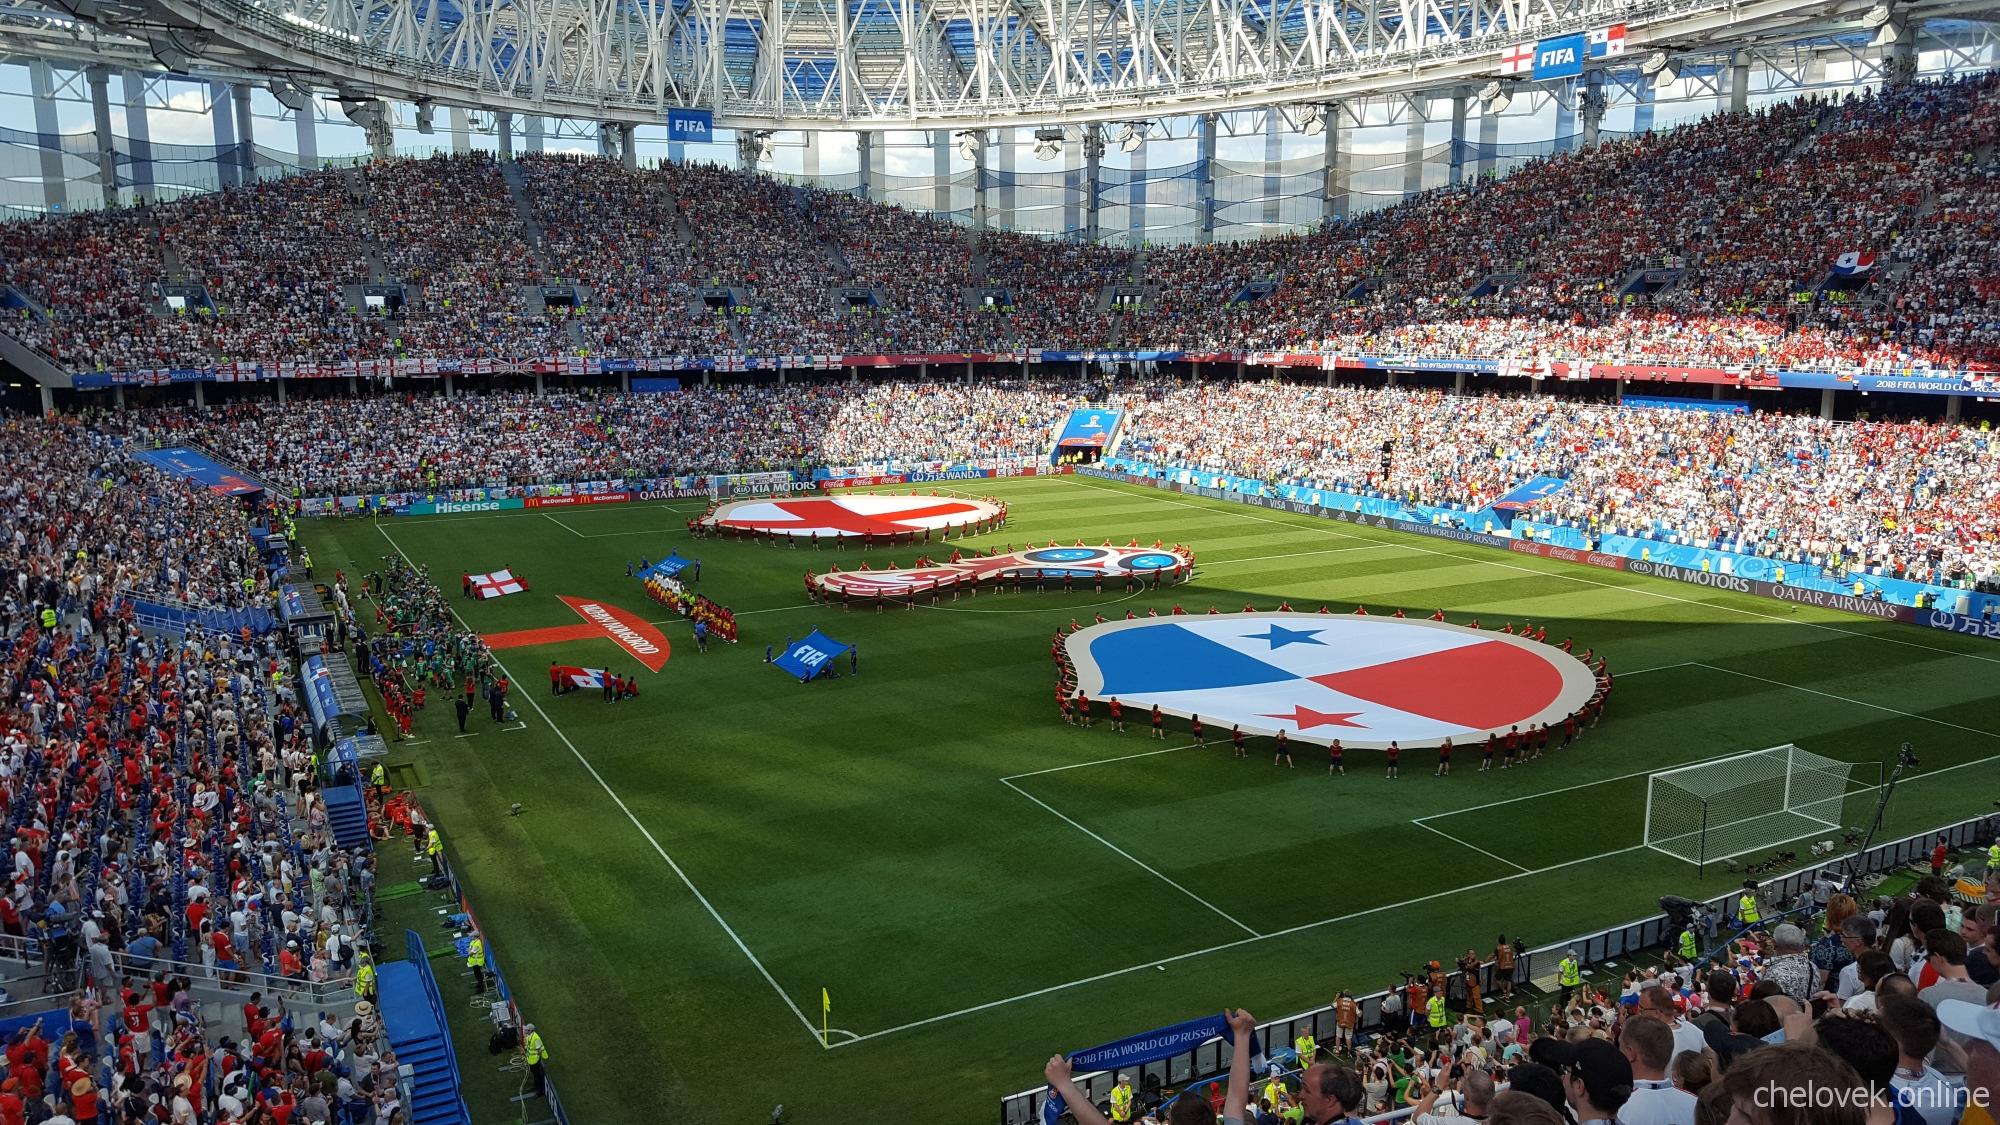 Футбольный матч Англия - Панама, стадион Нижний Новгород, 24 июня 2018 года